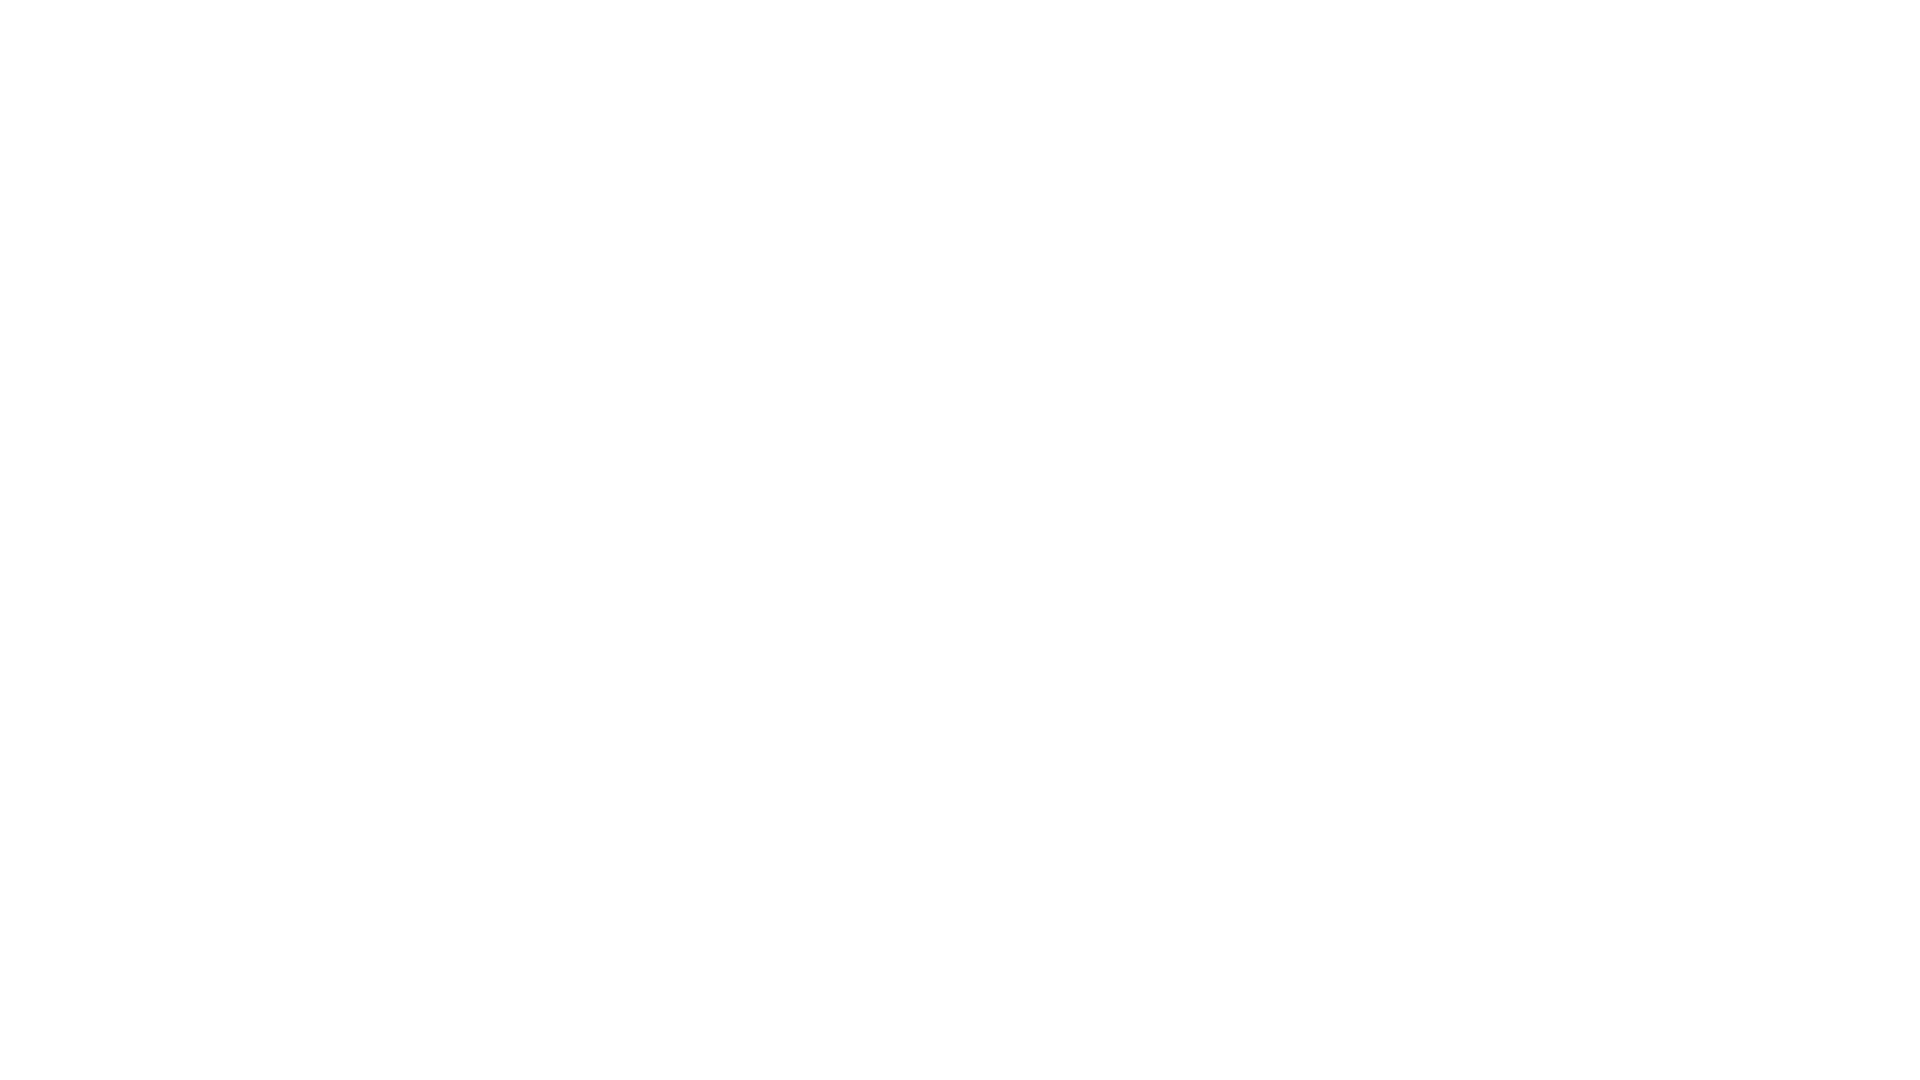 Gutschein für Promo: Rabatte für  Promo sichern